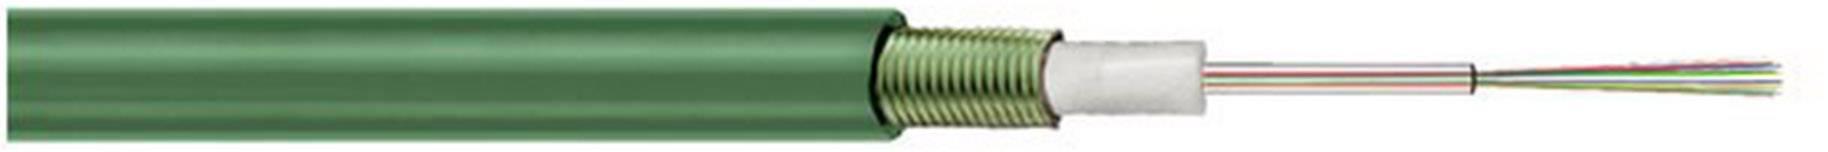 Skleněné vlákno LAPP HITRONIC HUW1500 12 G 50/125 OM3 27500312, zelená, 1000 m